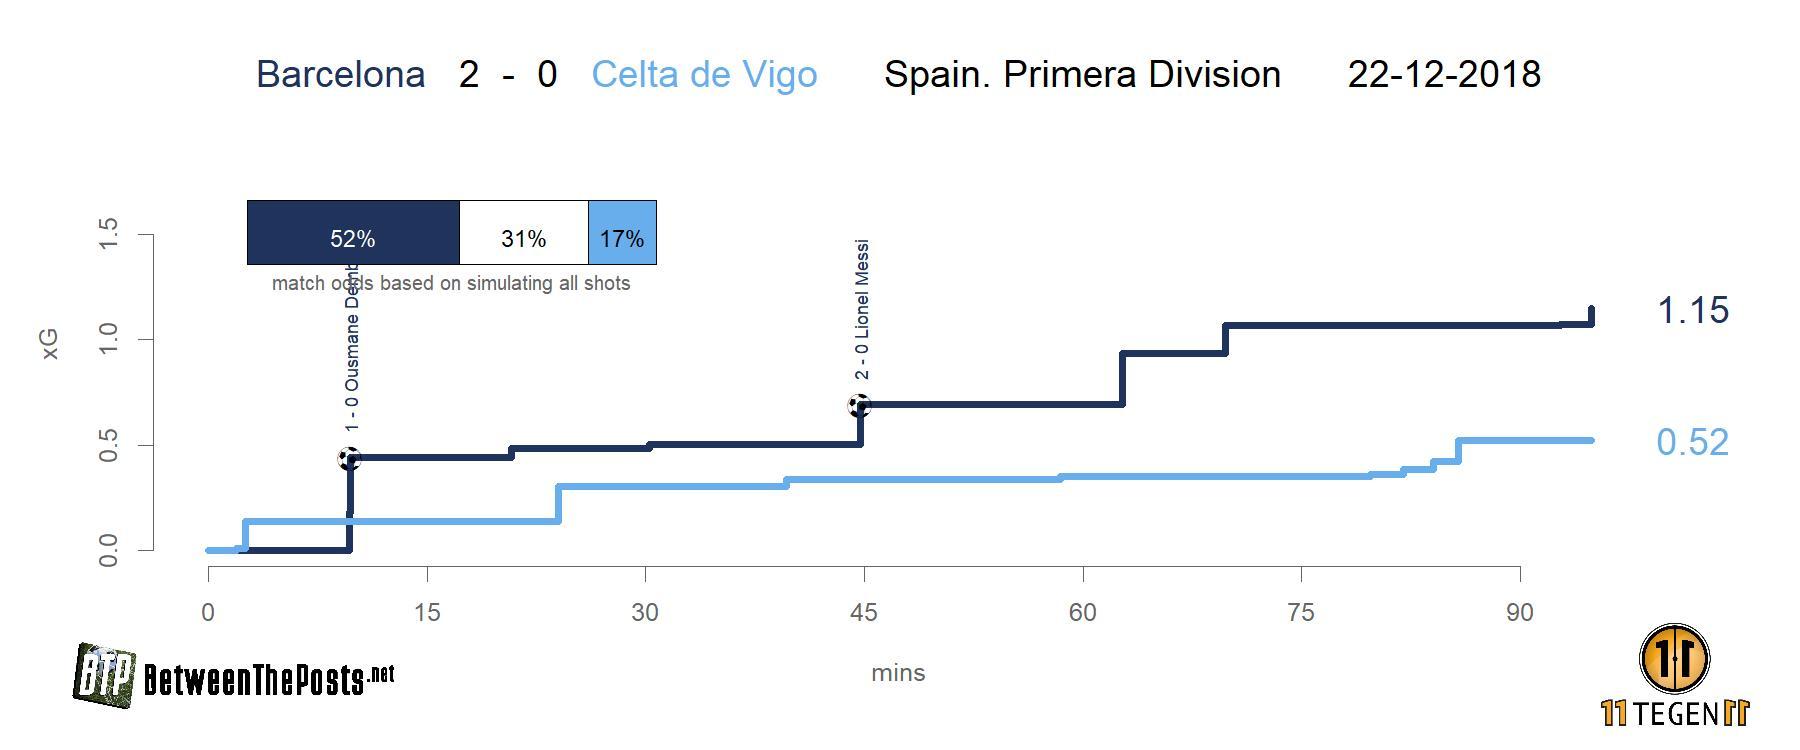 Expected goals plot Barcelona - Celta de Vigo 2-0 La Liga